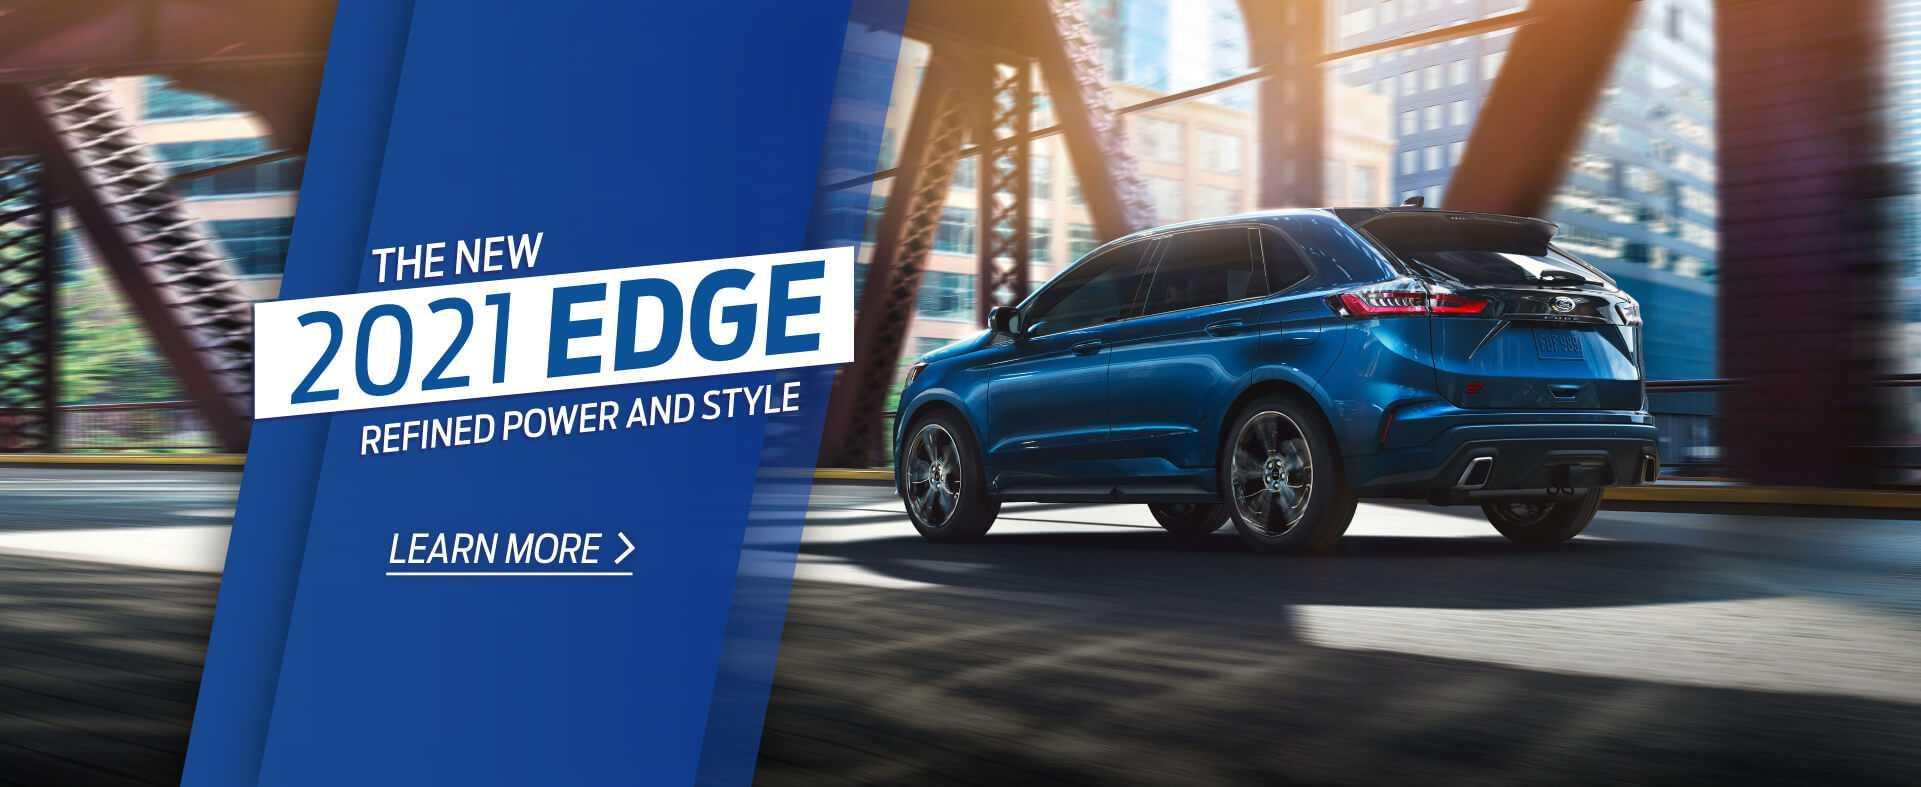 2021 Ford Edge